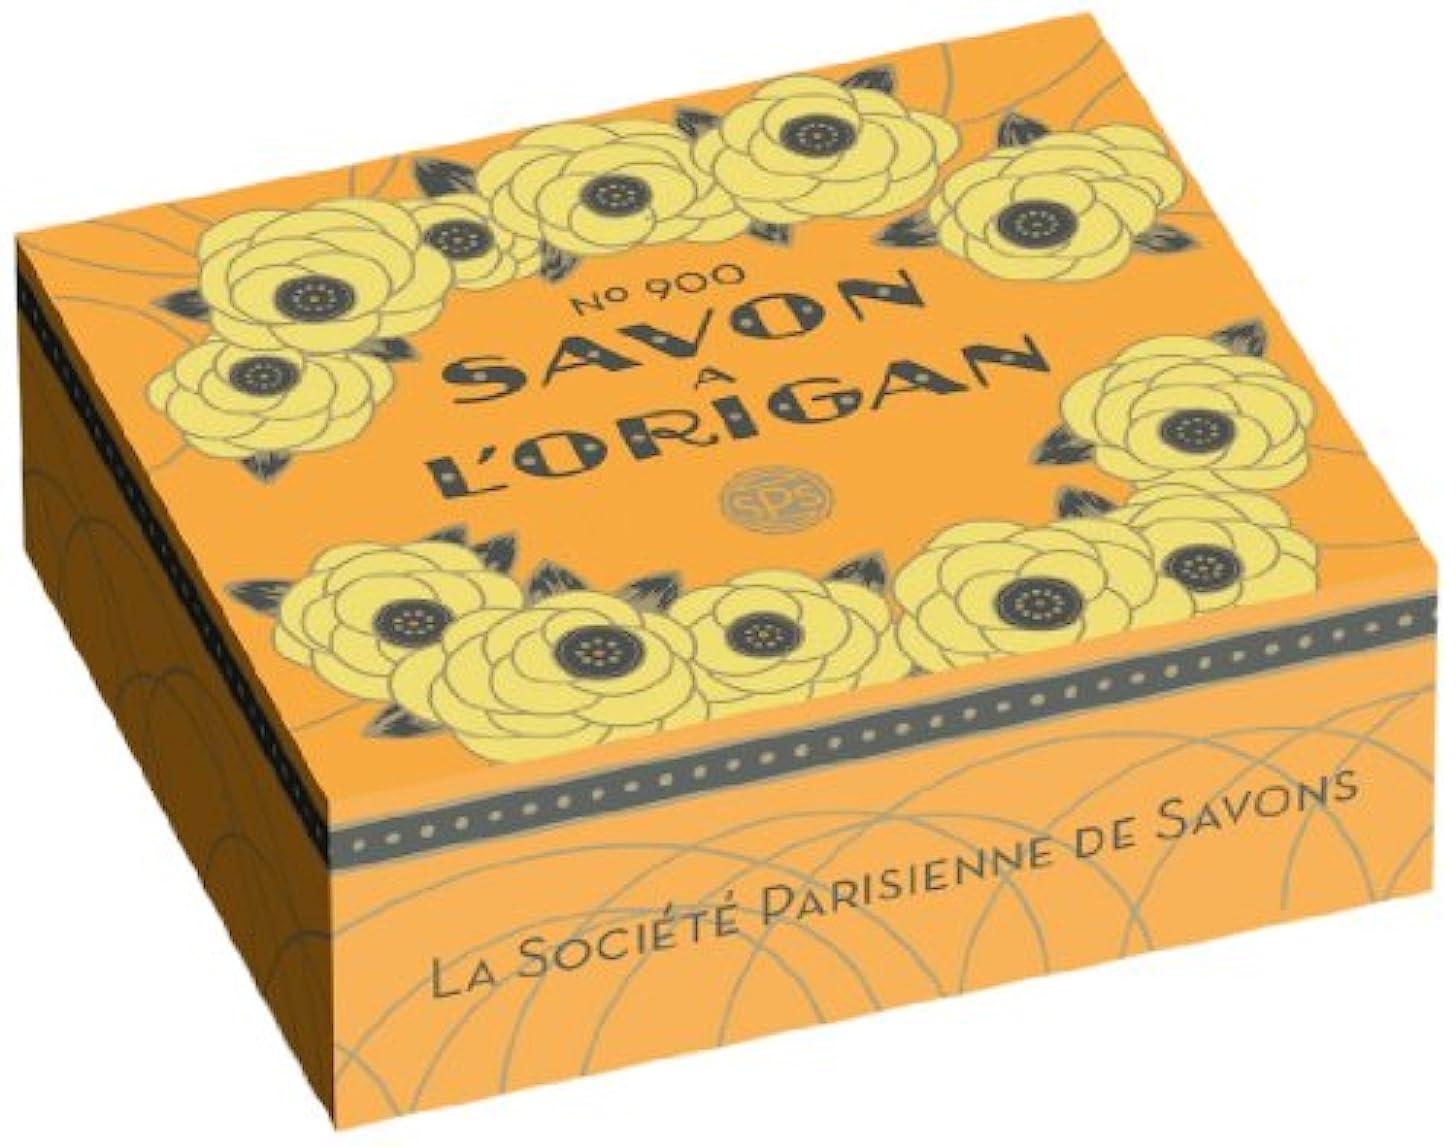 めまい物足りないインタフェース【パリジェンヌ ドゥ サボン】フレグランスソープM/オリガン